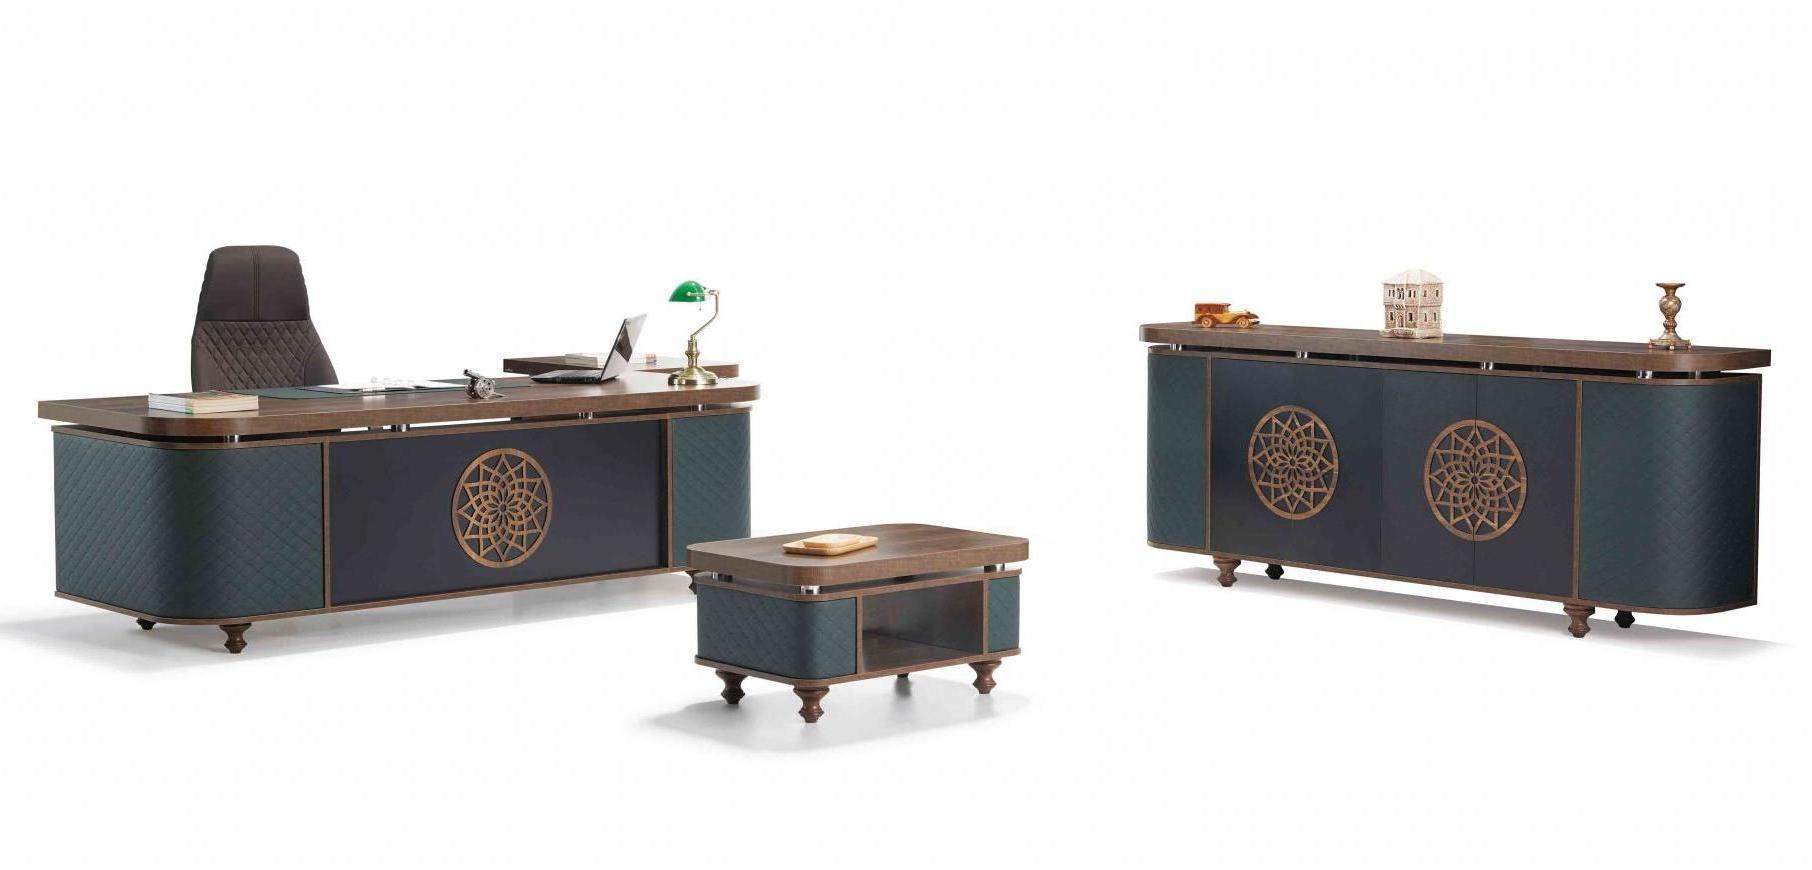 ranna derili makam mobilyası takımı